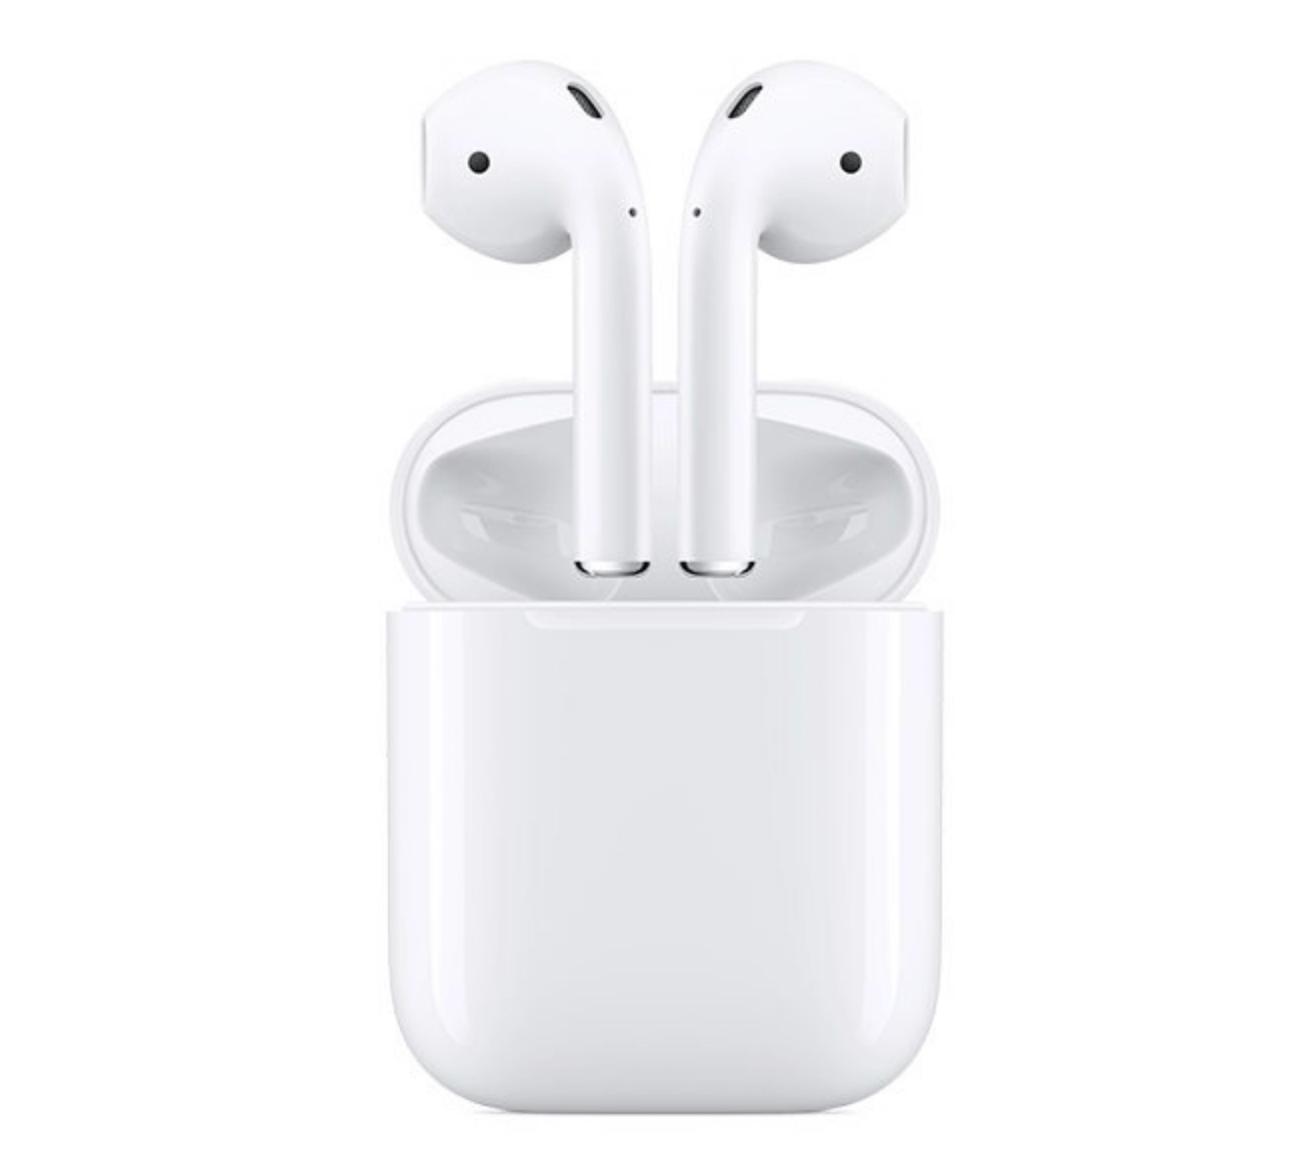 Bedst in-ear høretelefoner lige nu - Apples AirPods Gen. 2